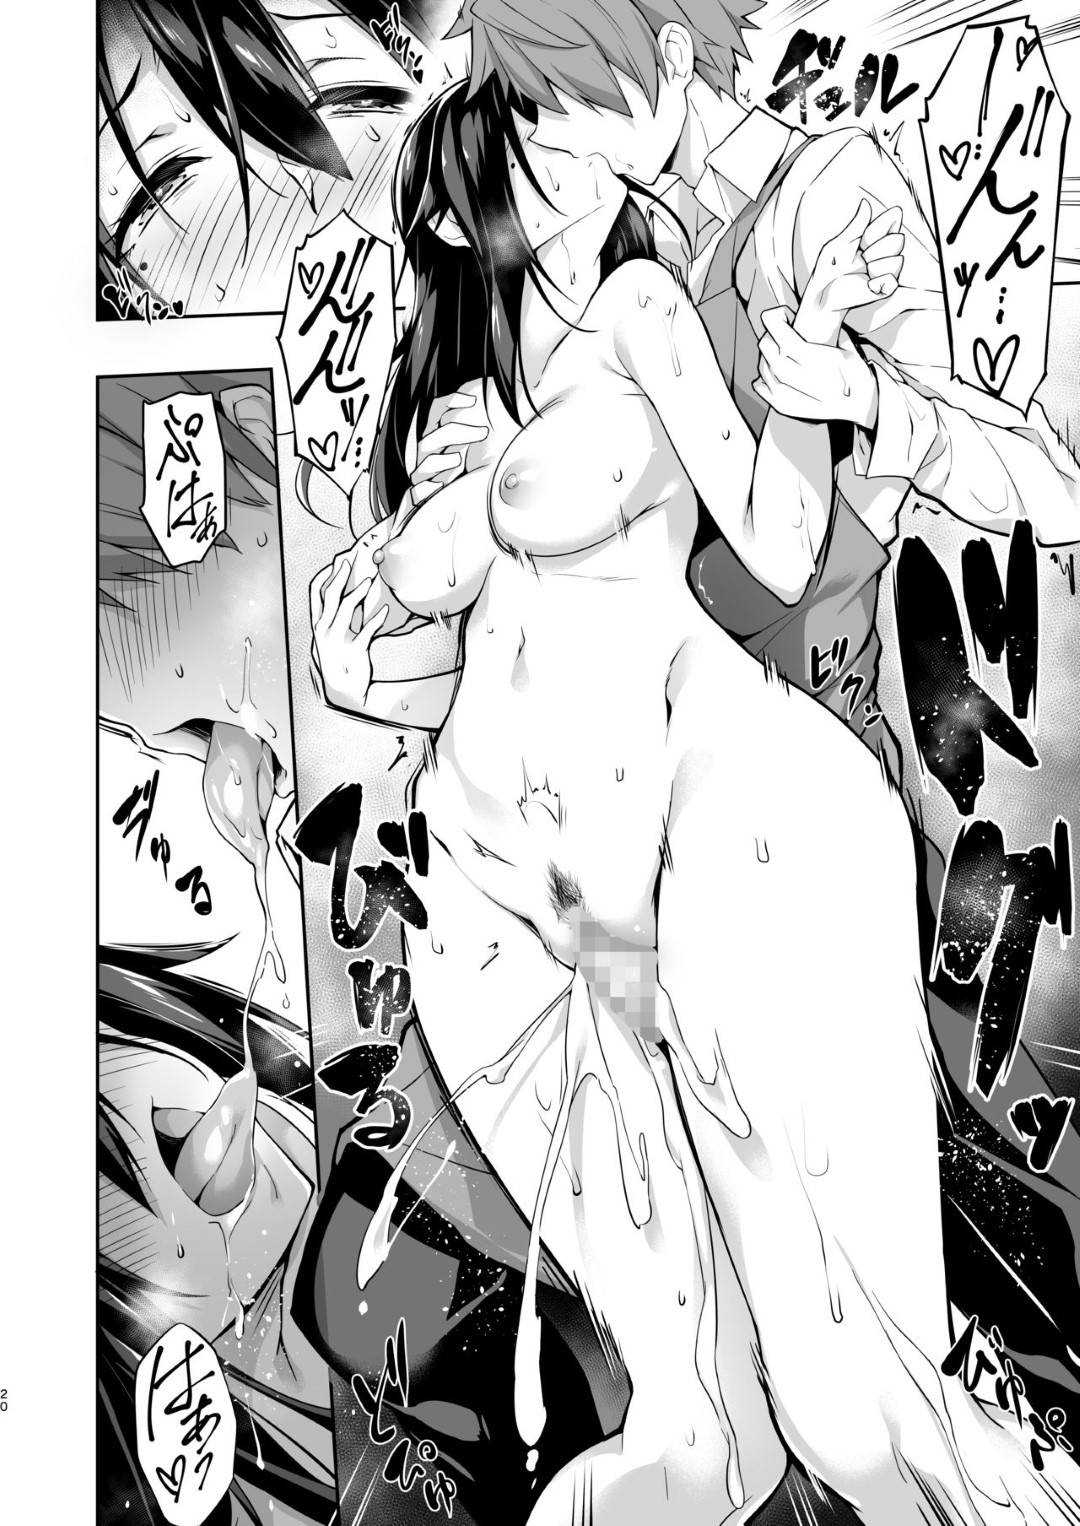 【寝取りエロ漫画】直哉は彼女との電話中にバイト先の先輩にフェラされ、中出しセックスで寝取られる【秋空もみぢ】